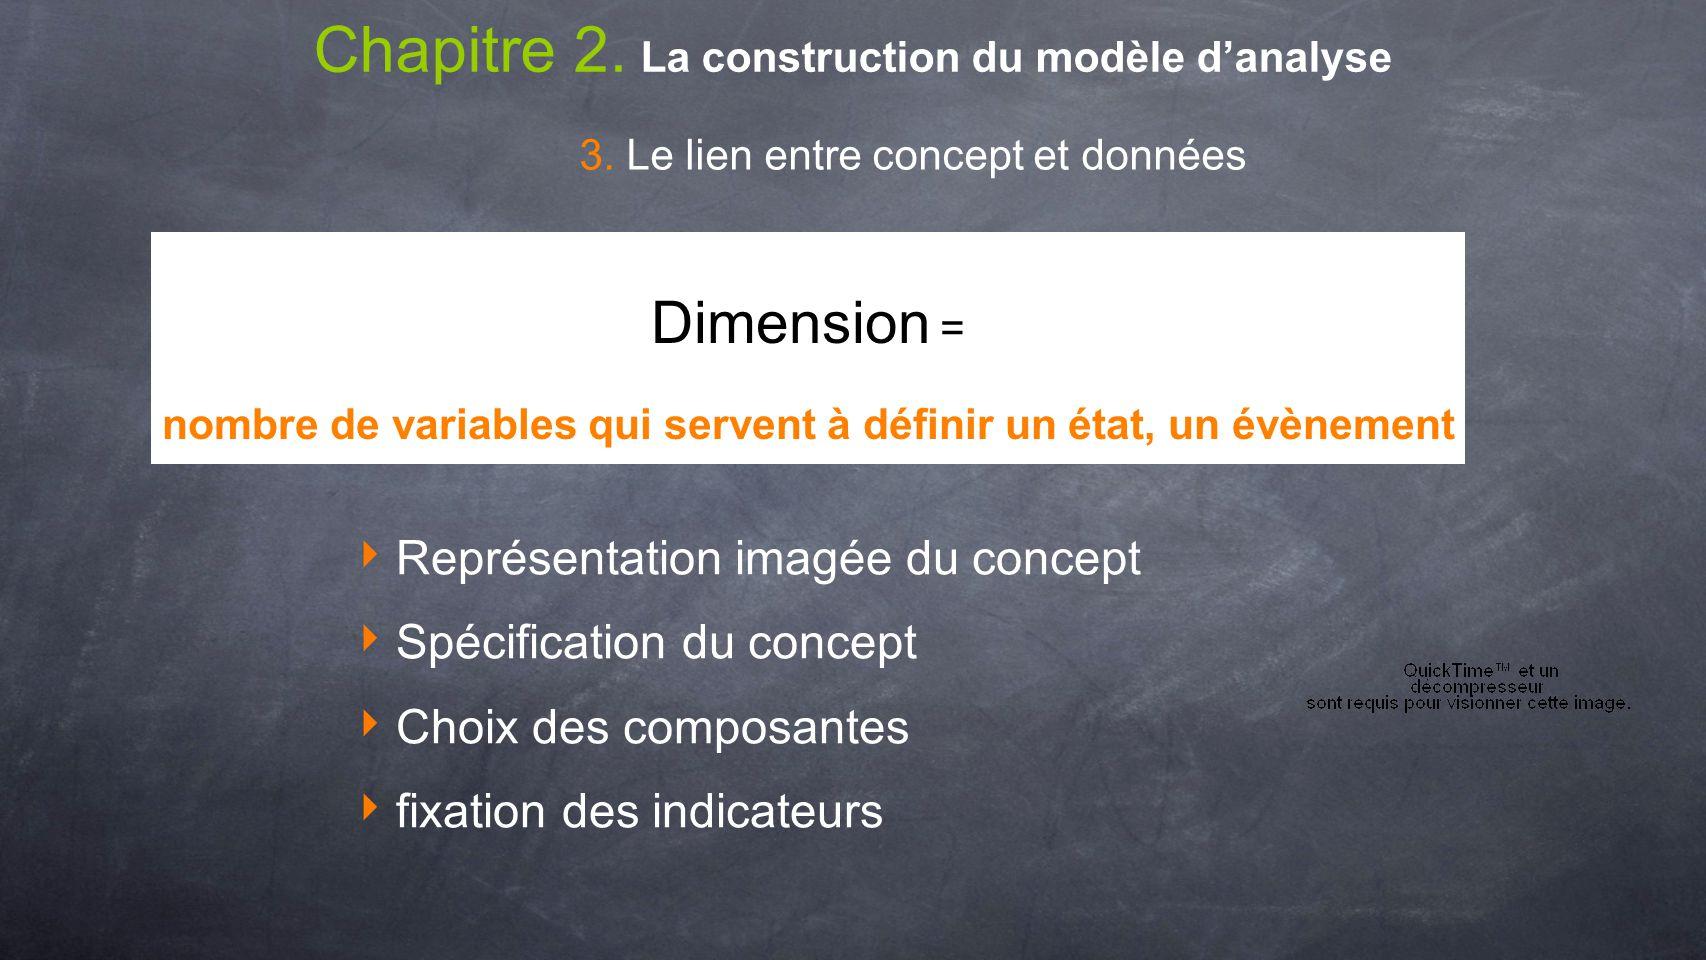 chapitre 2  la construction du mod u00e8le d u2019analyse